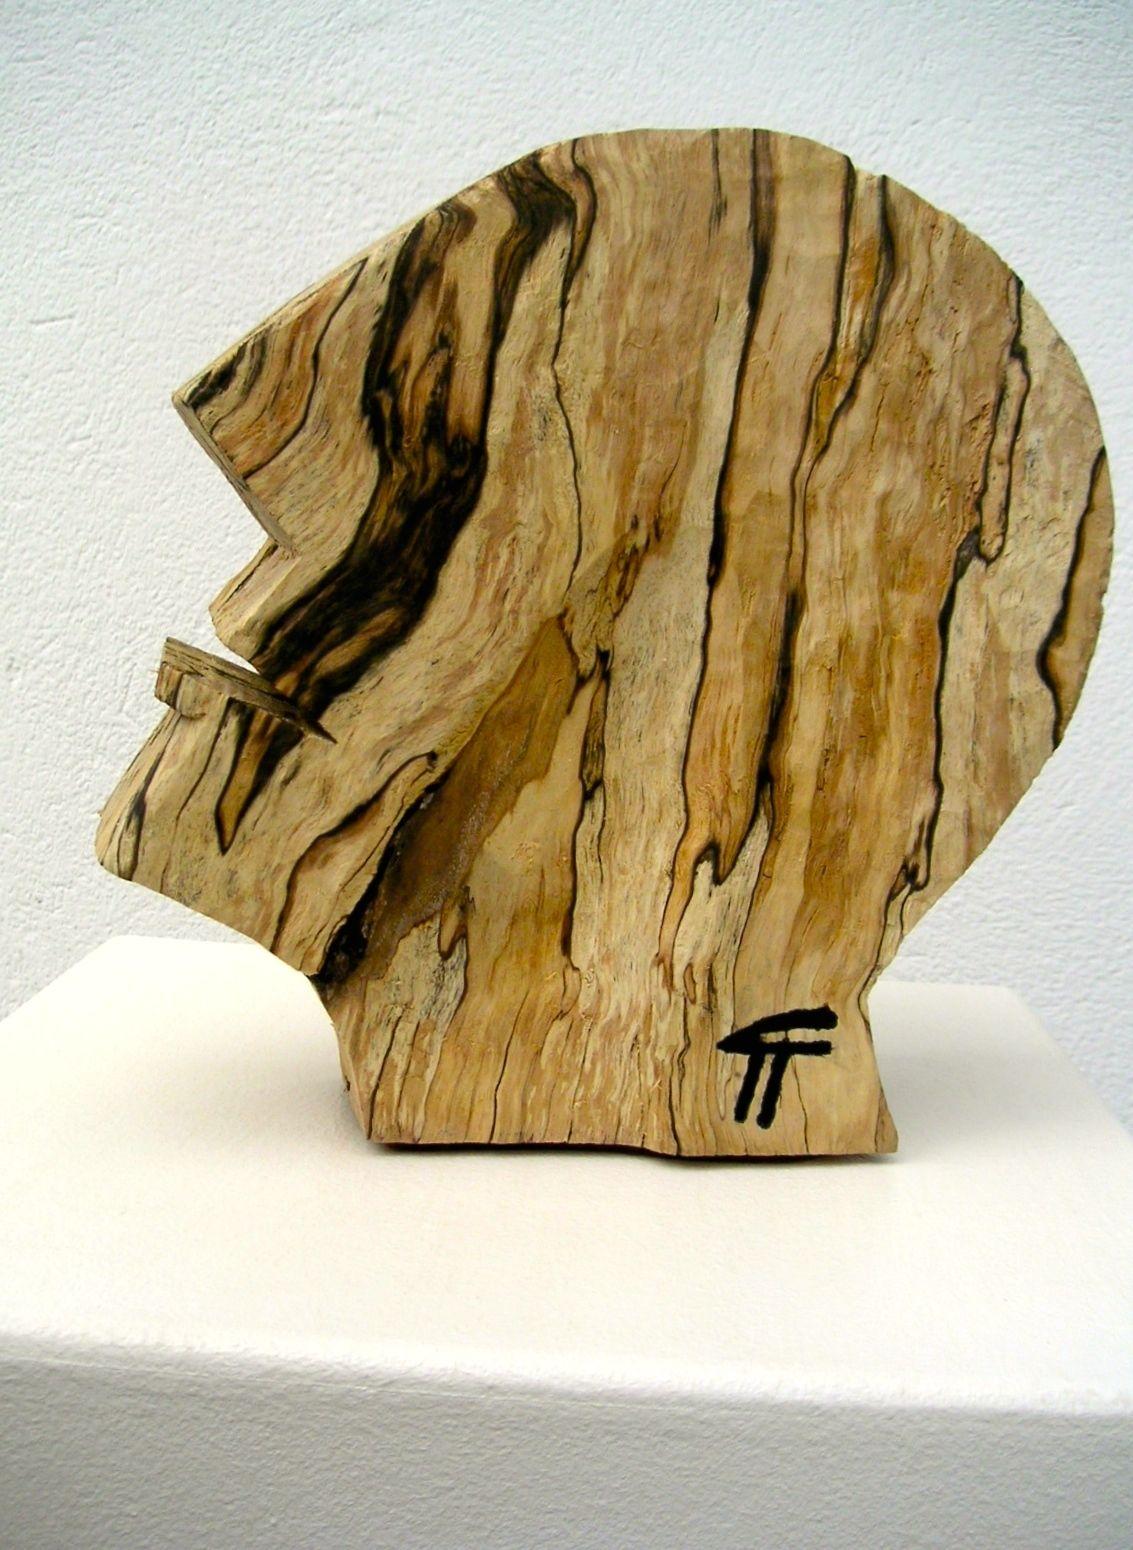 profile holzbildhauer holz moderne kunst holzskulpturen von uwe funke bei kunstnet. Black Bedroom Furniture Sets. Home Design Ideas